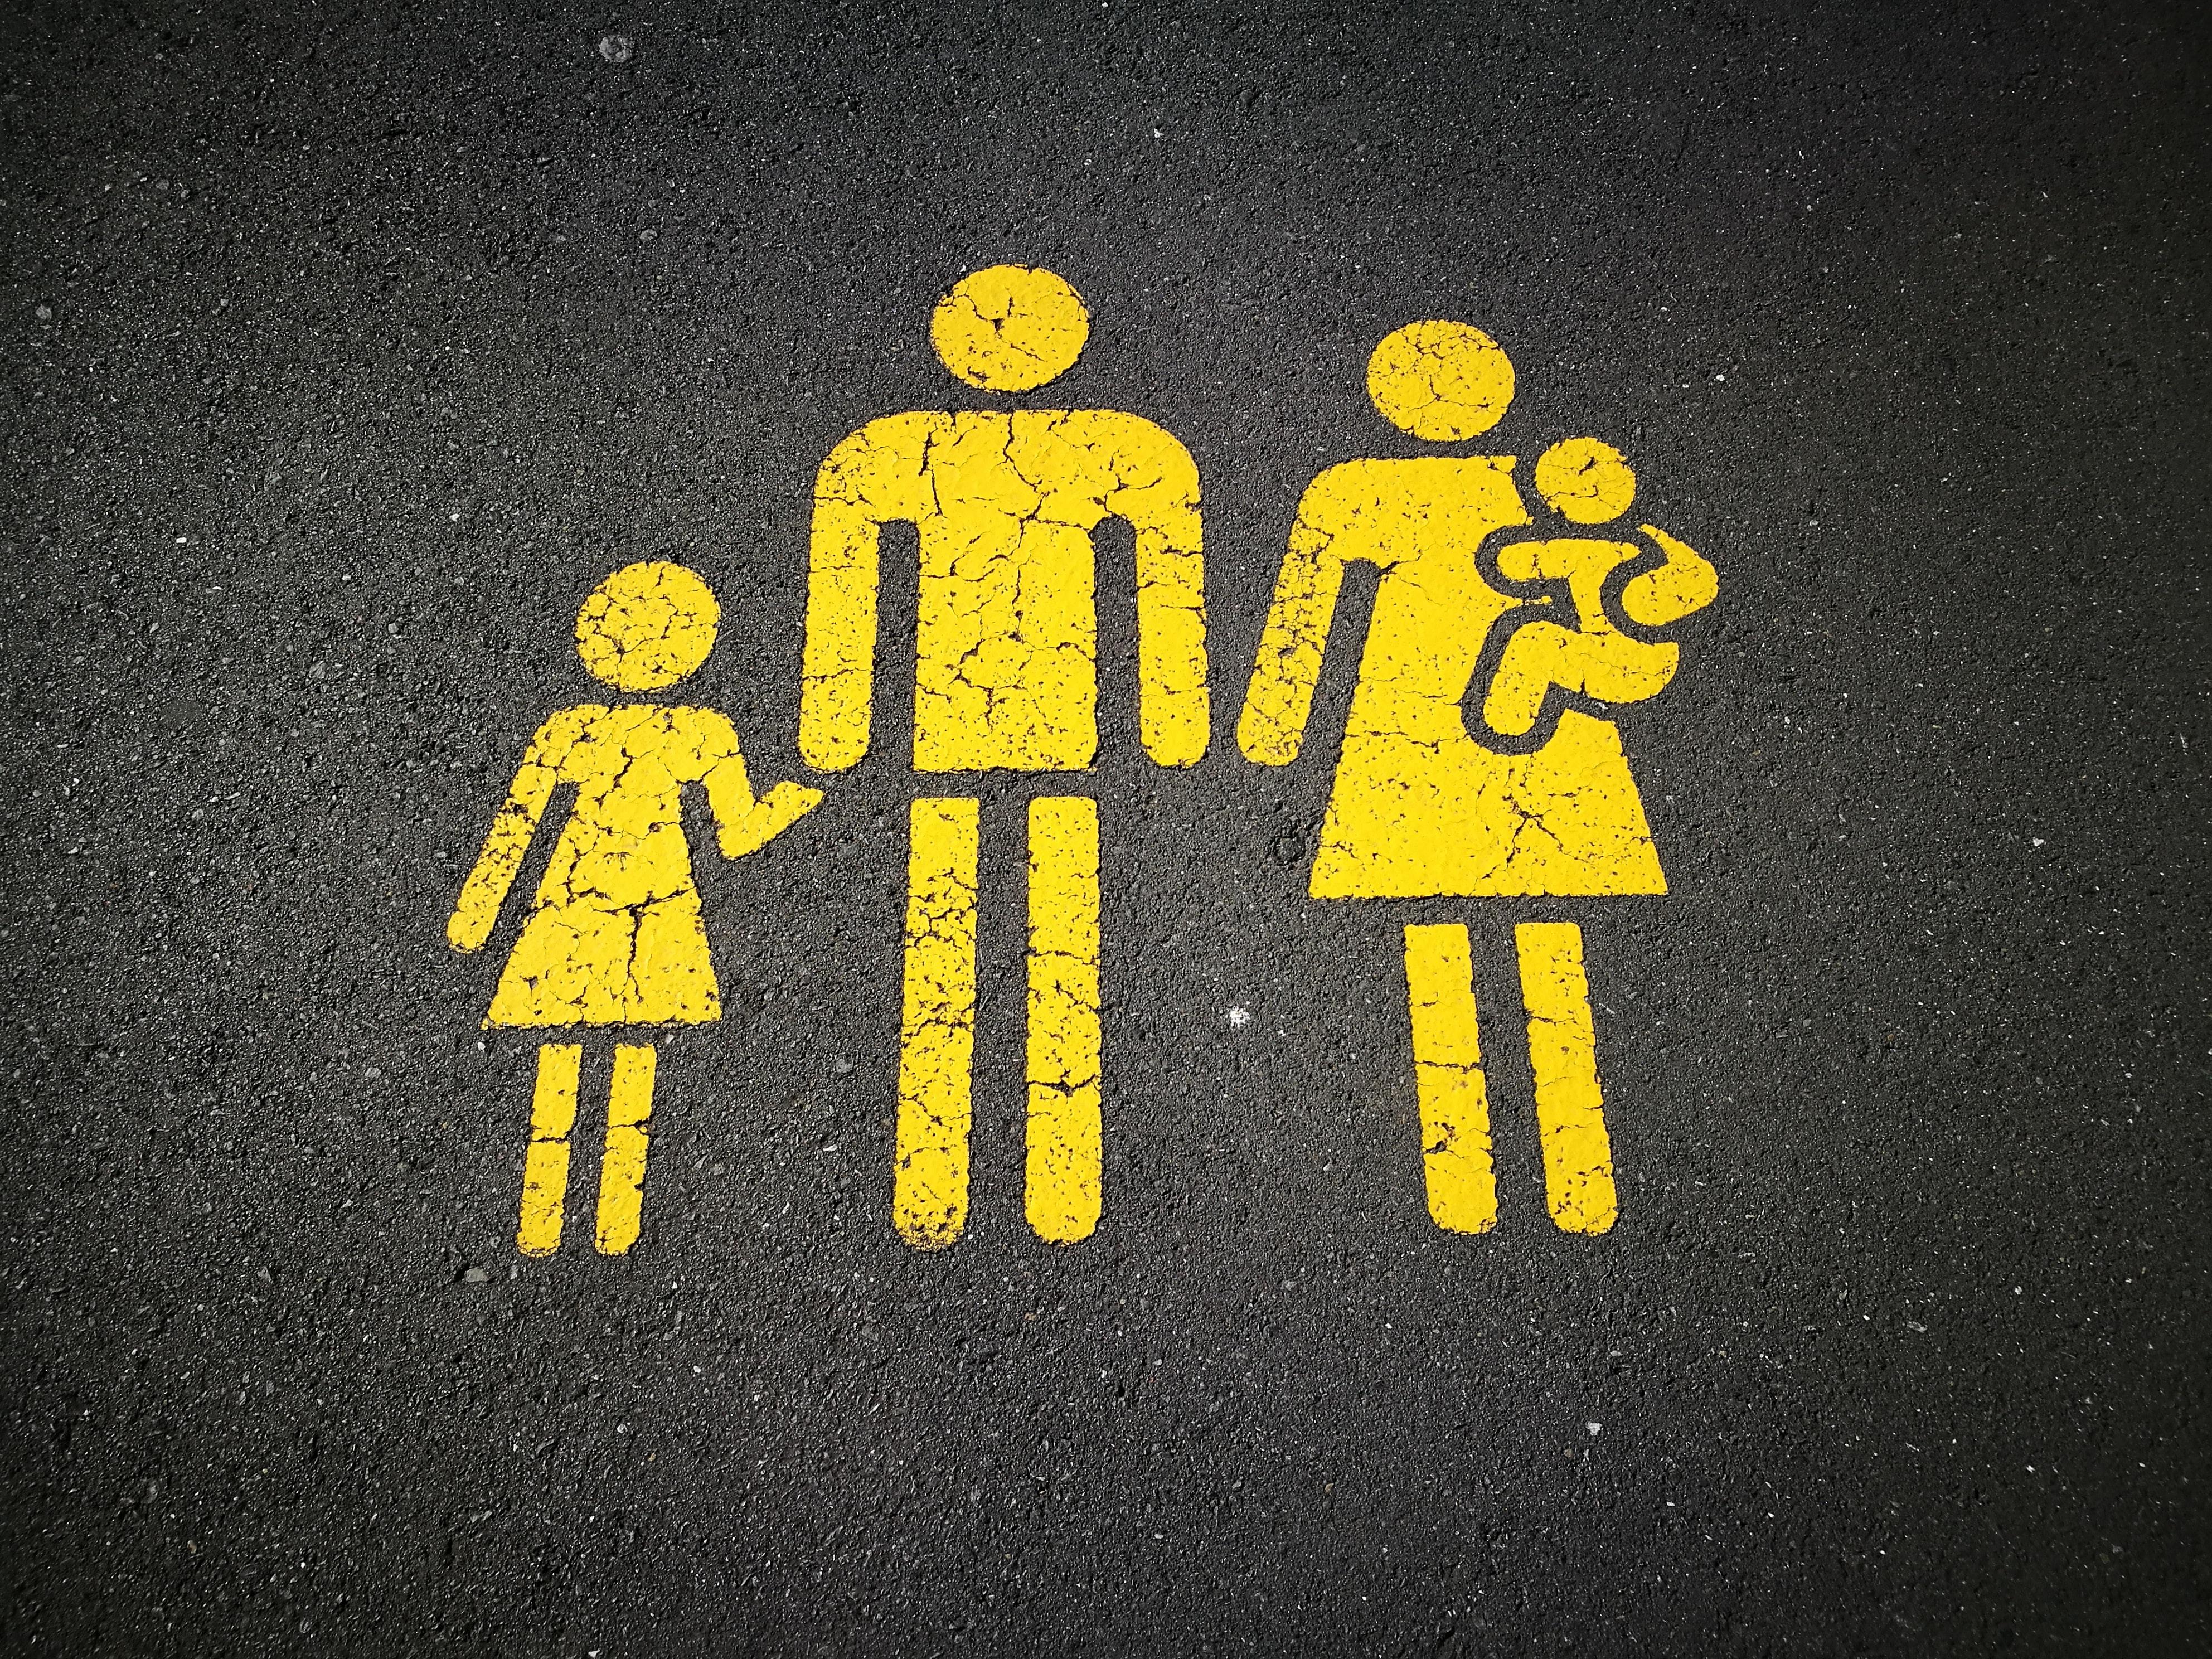 Wir suchen: Familien mit Kindern (6-17 Jahre alt) für ProSieben Infomagazin